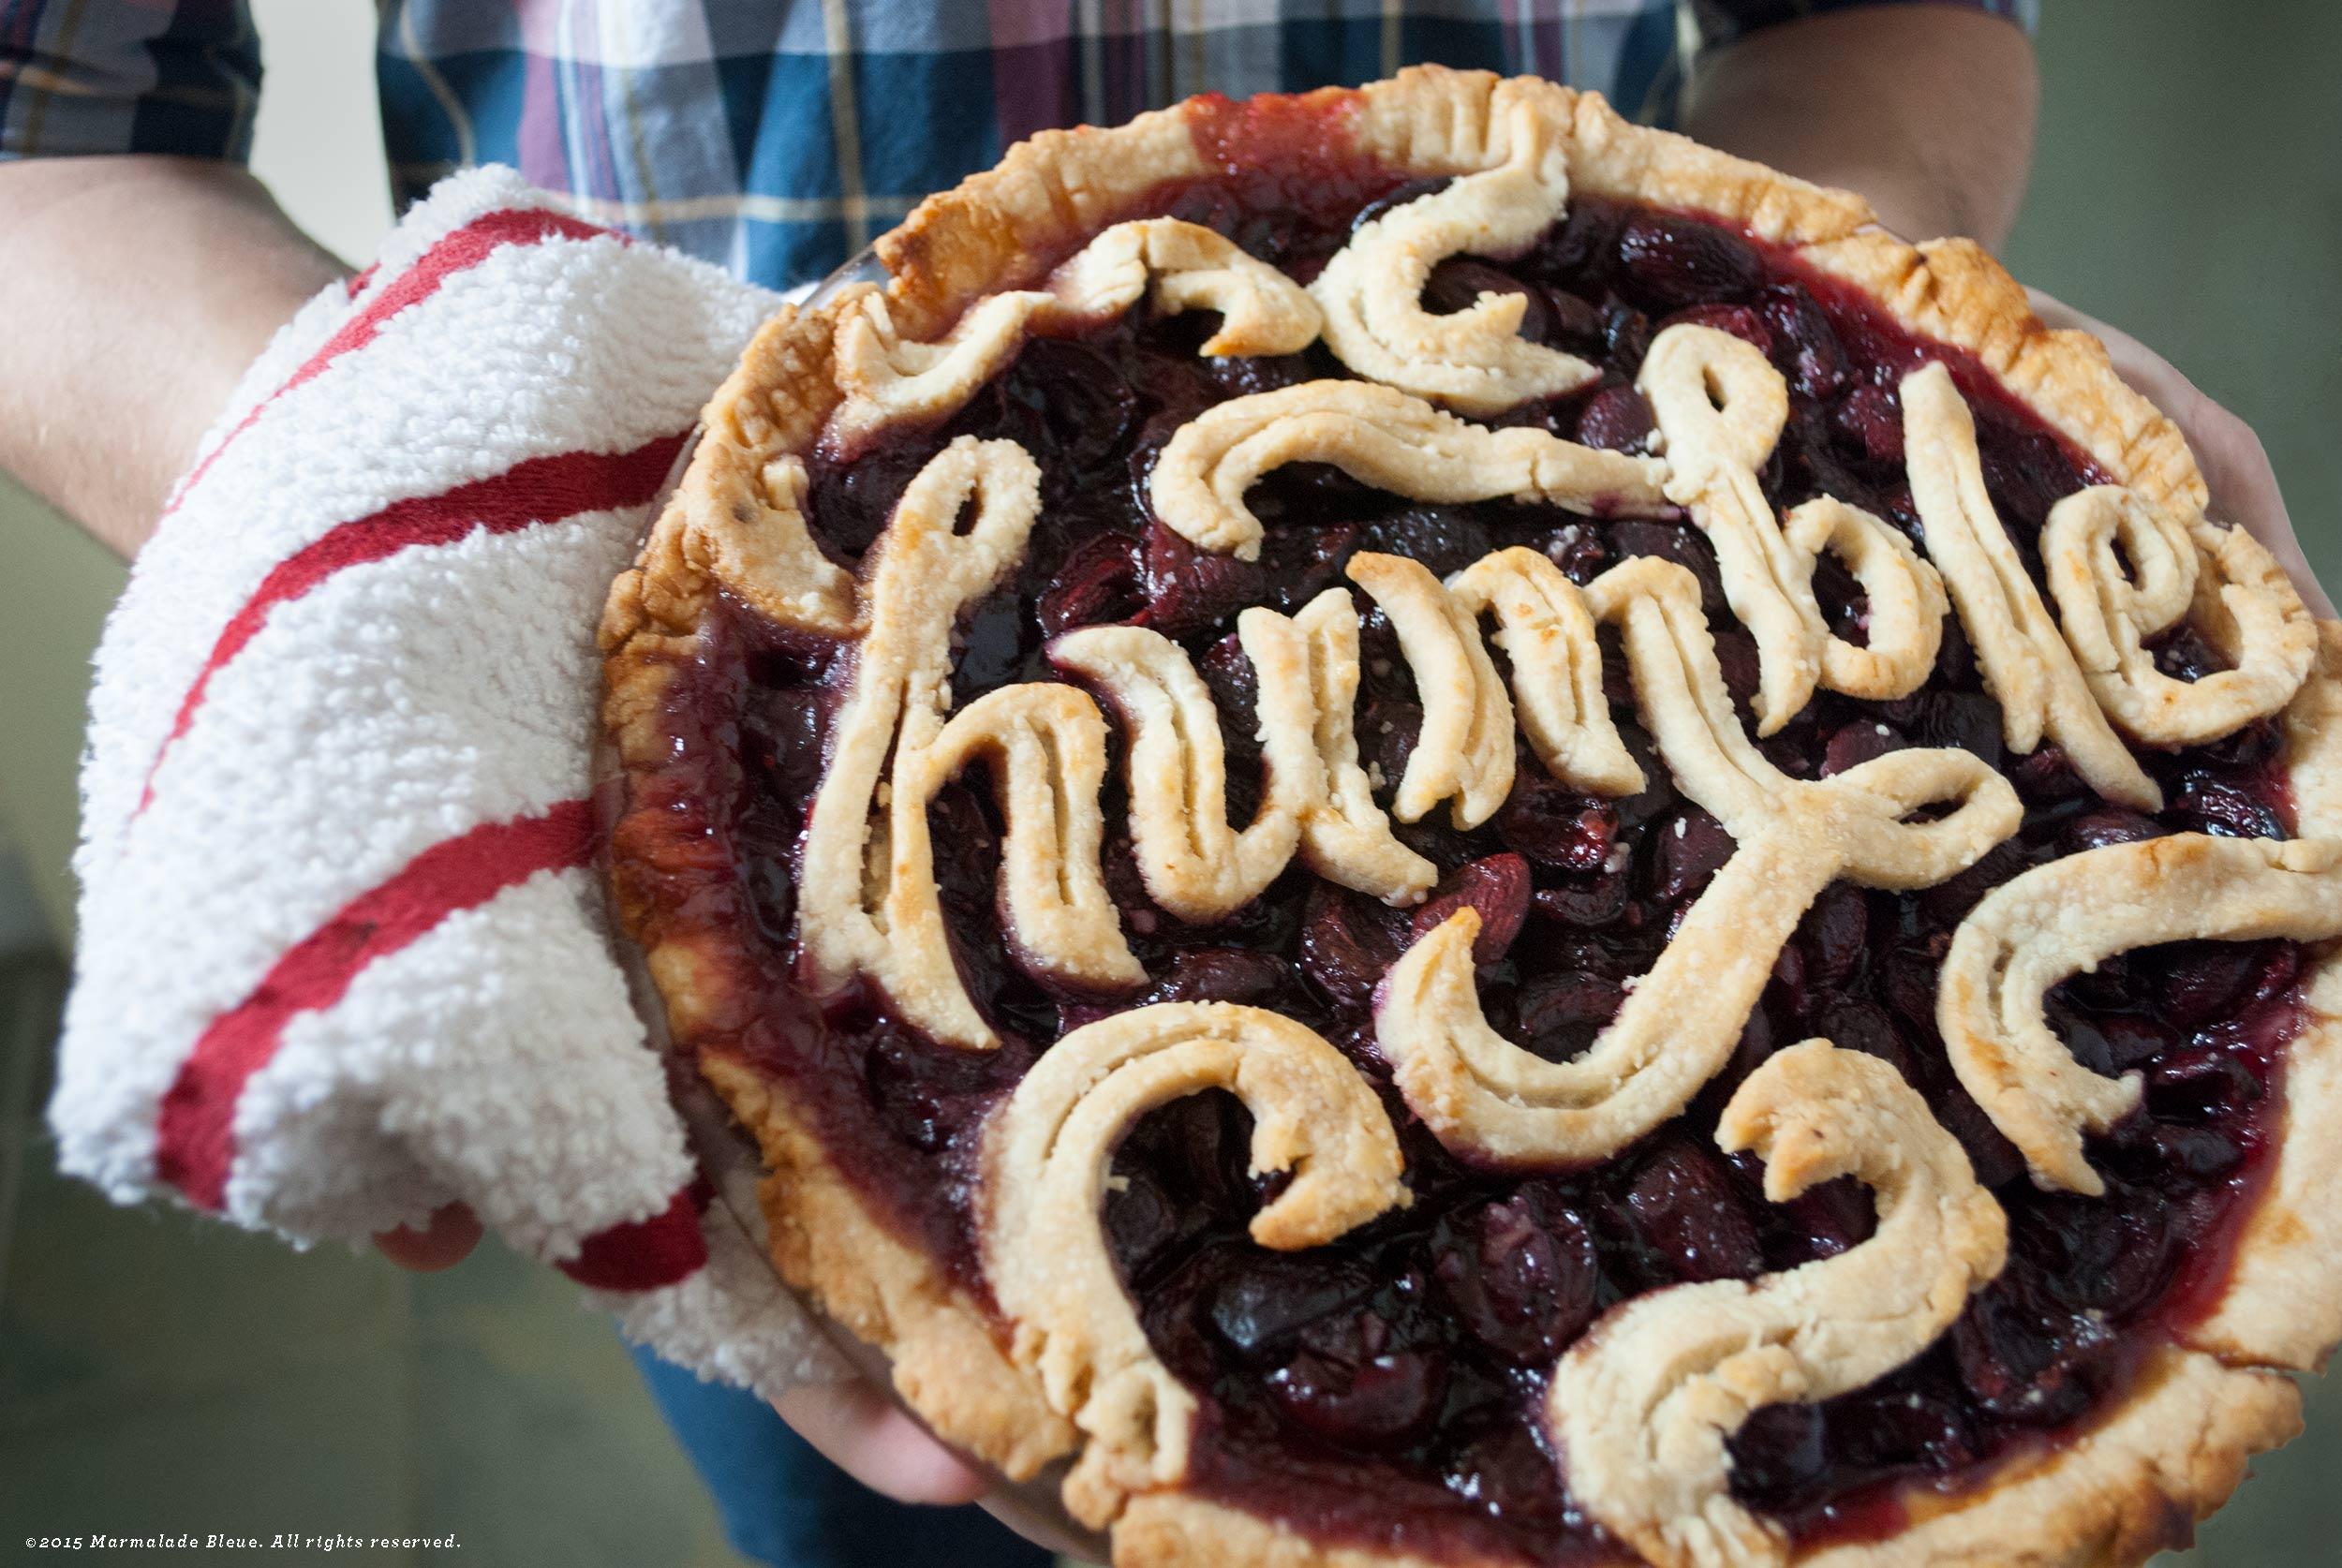 humble-pie-DEvnas.jpg